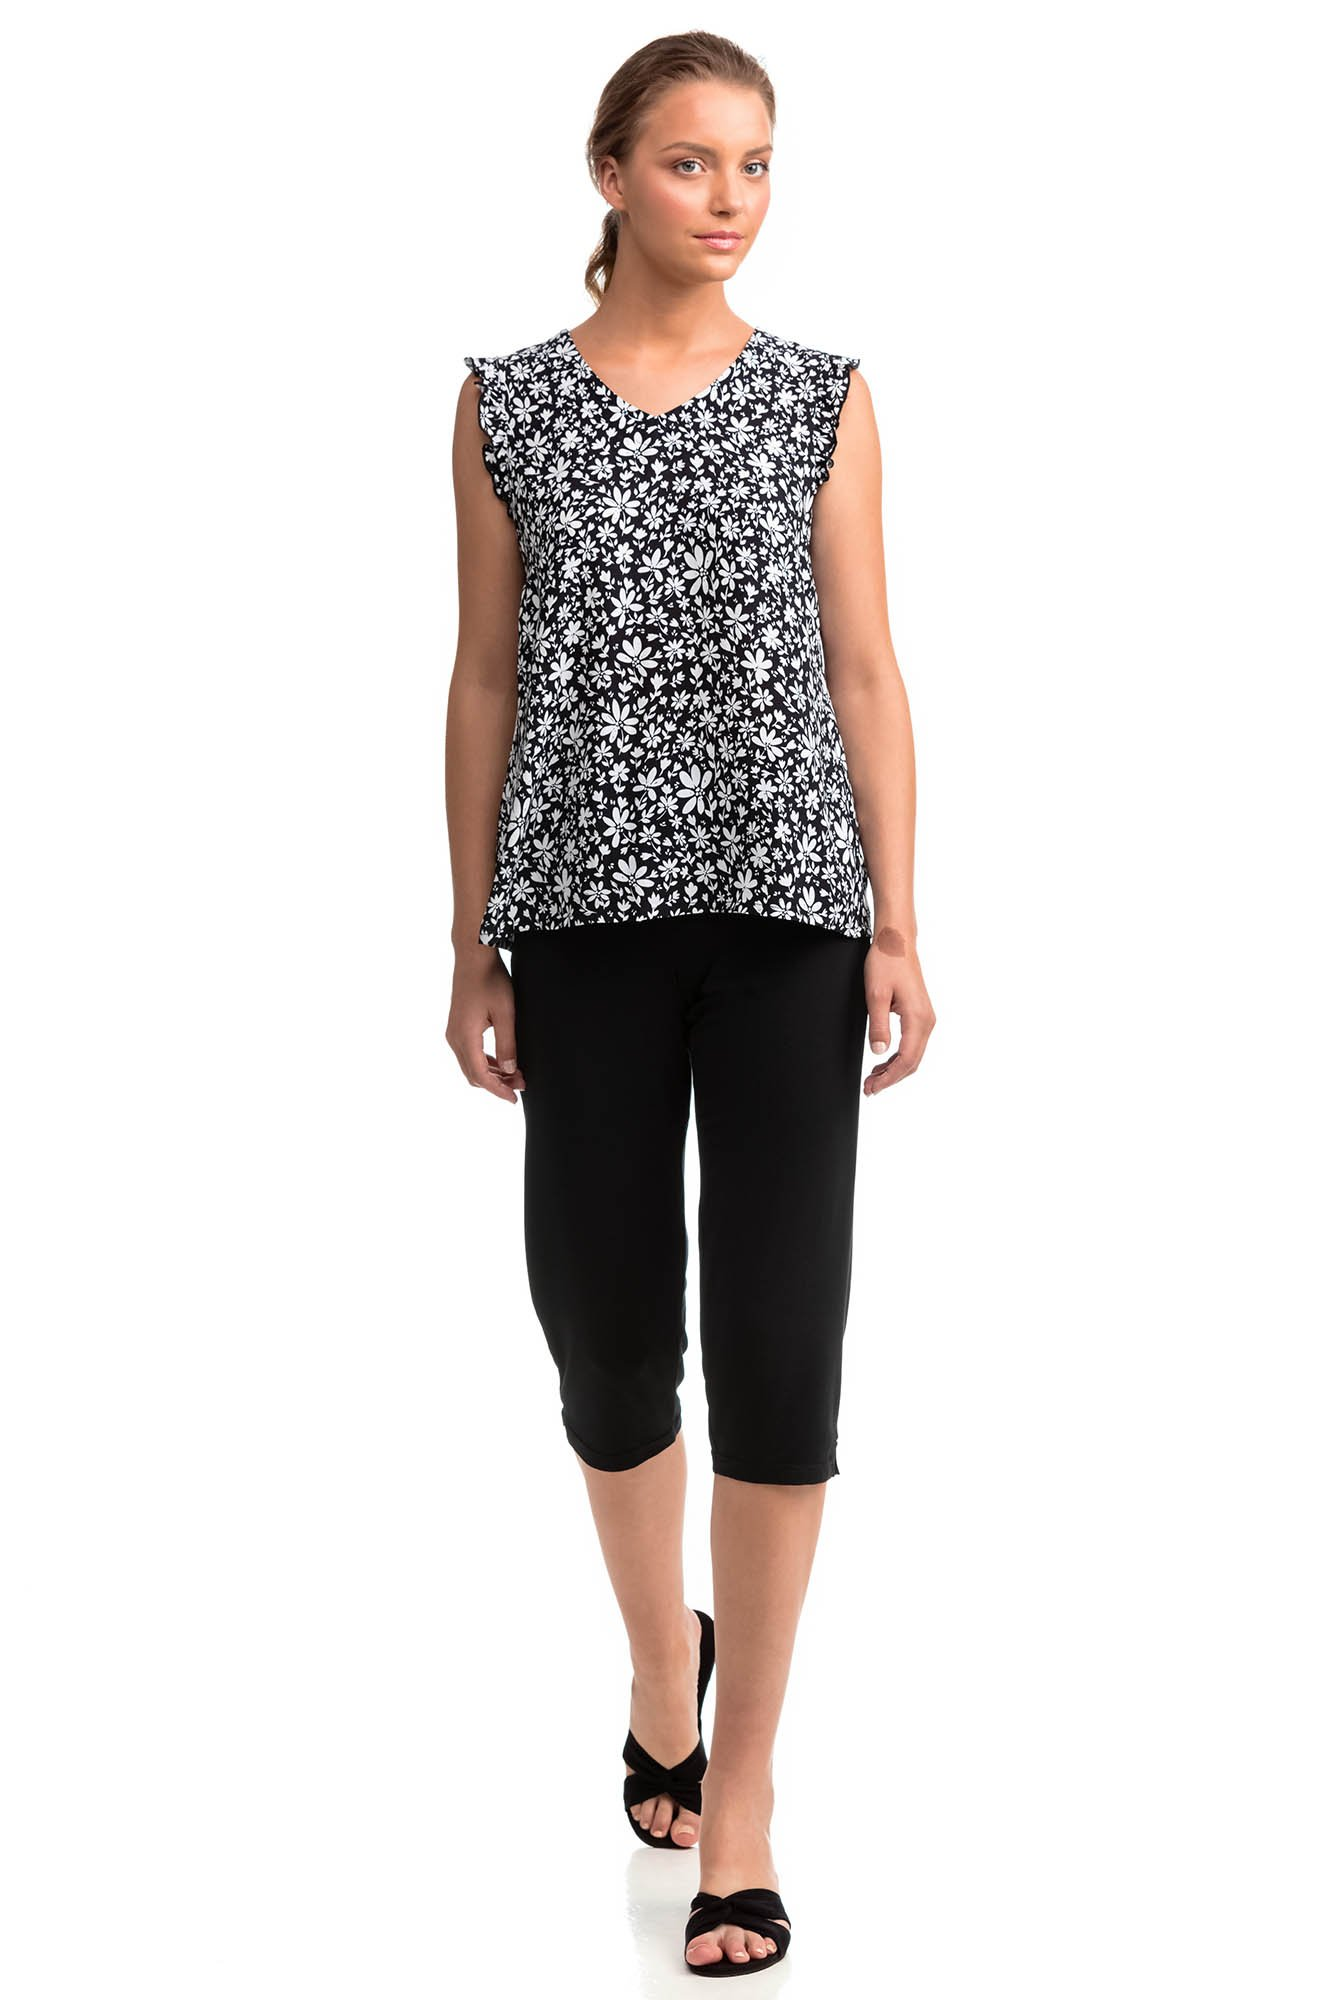 Vamp - Dámske pyžamo 14056 - Vamp black m